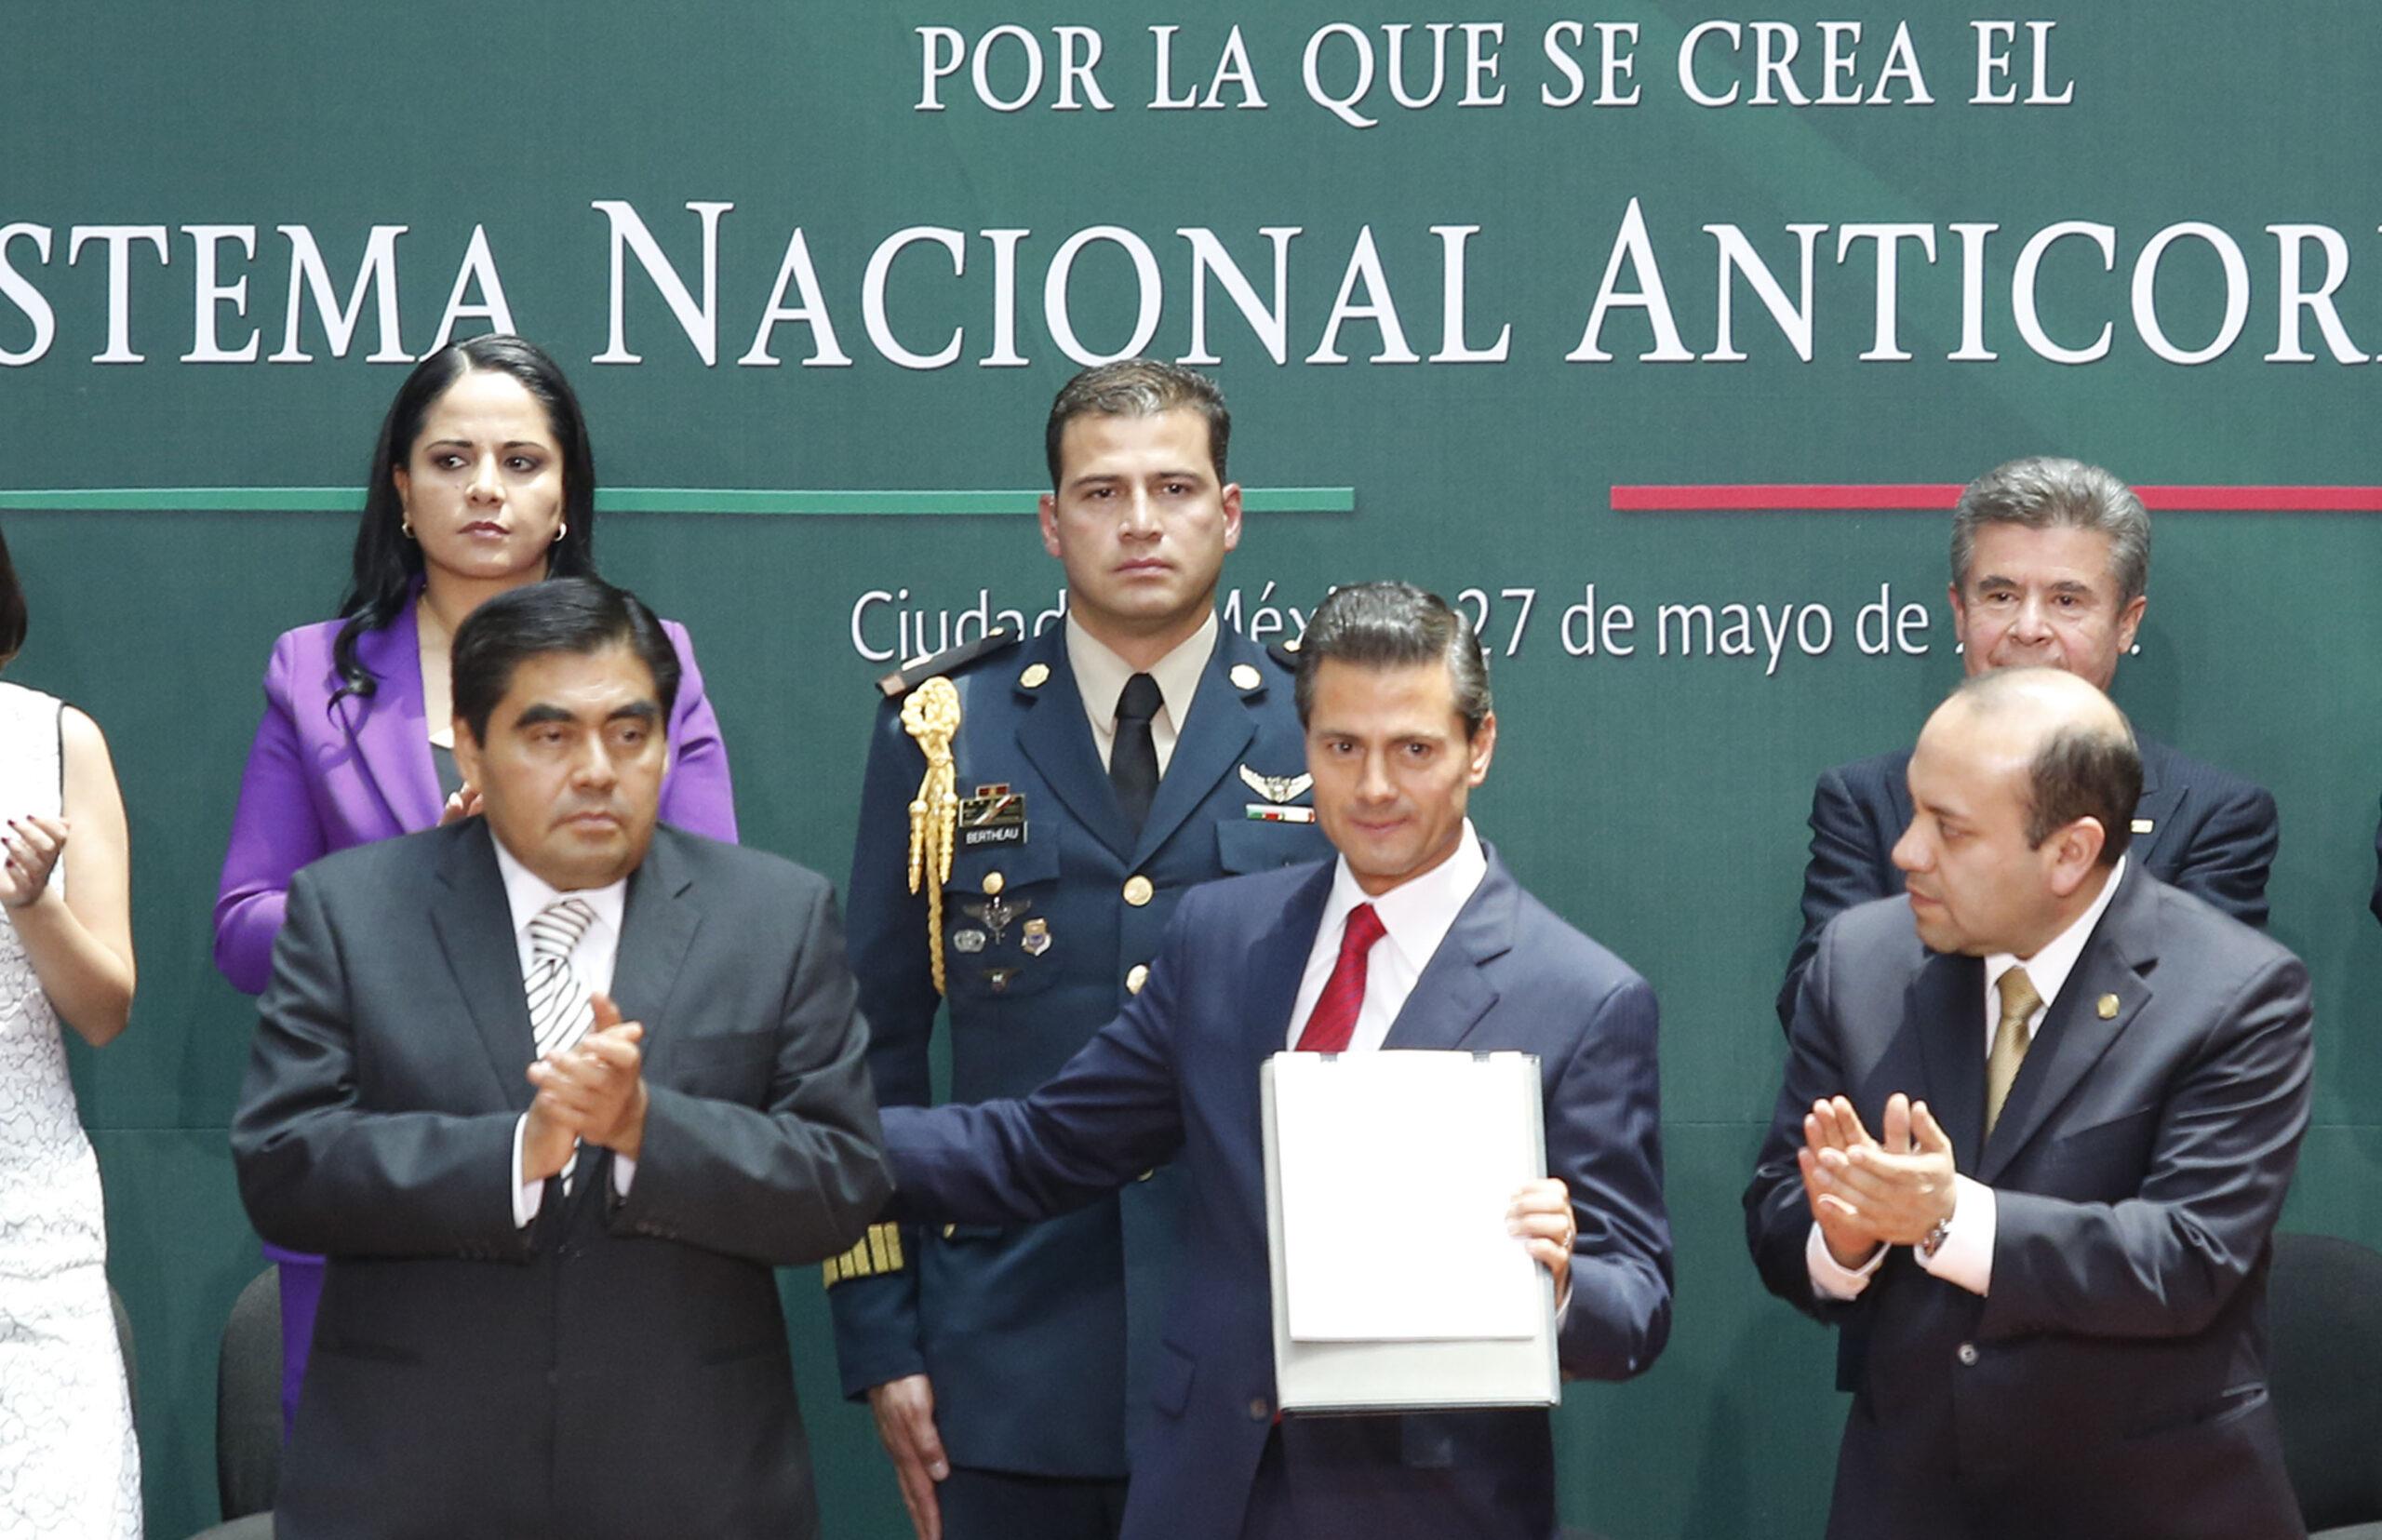 anticorrupcion-epn